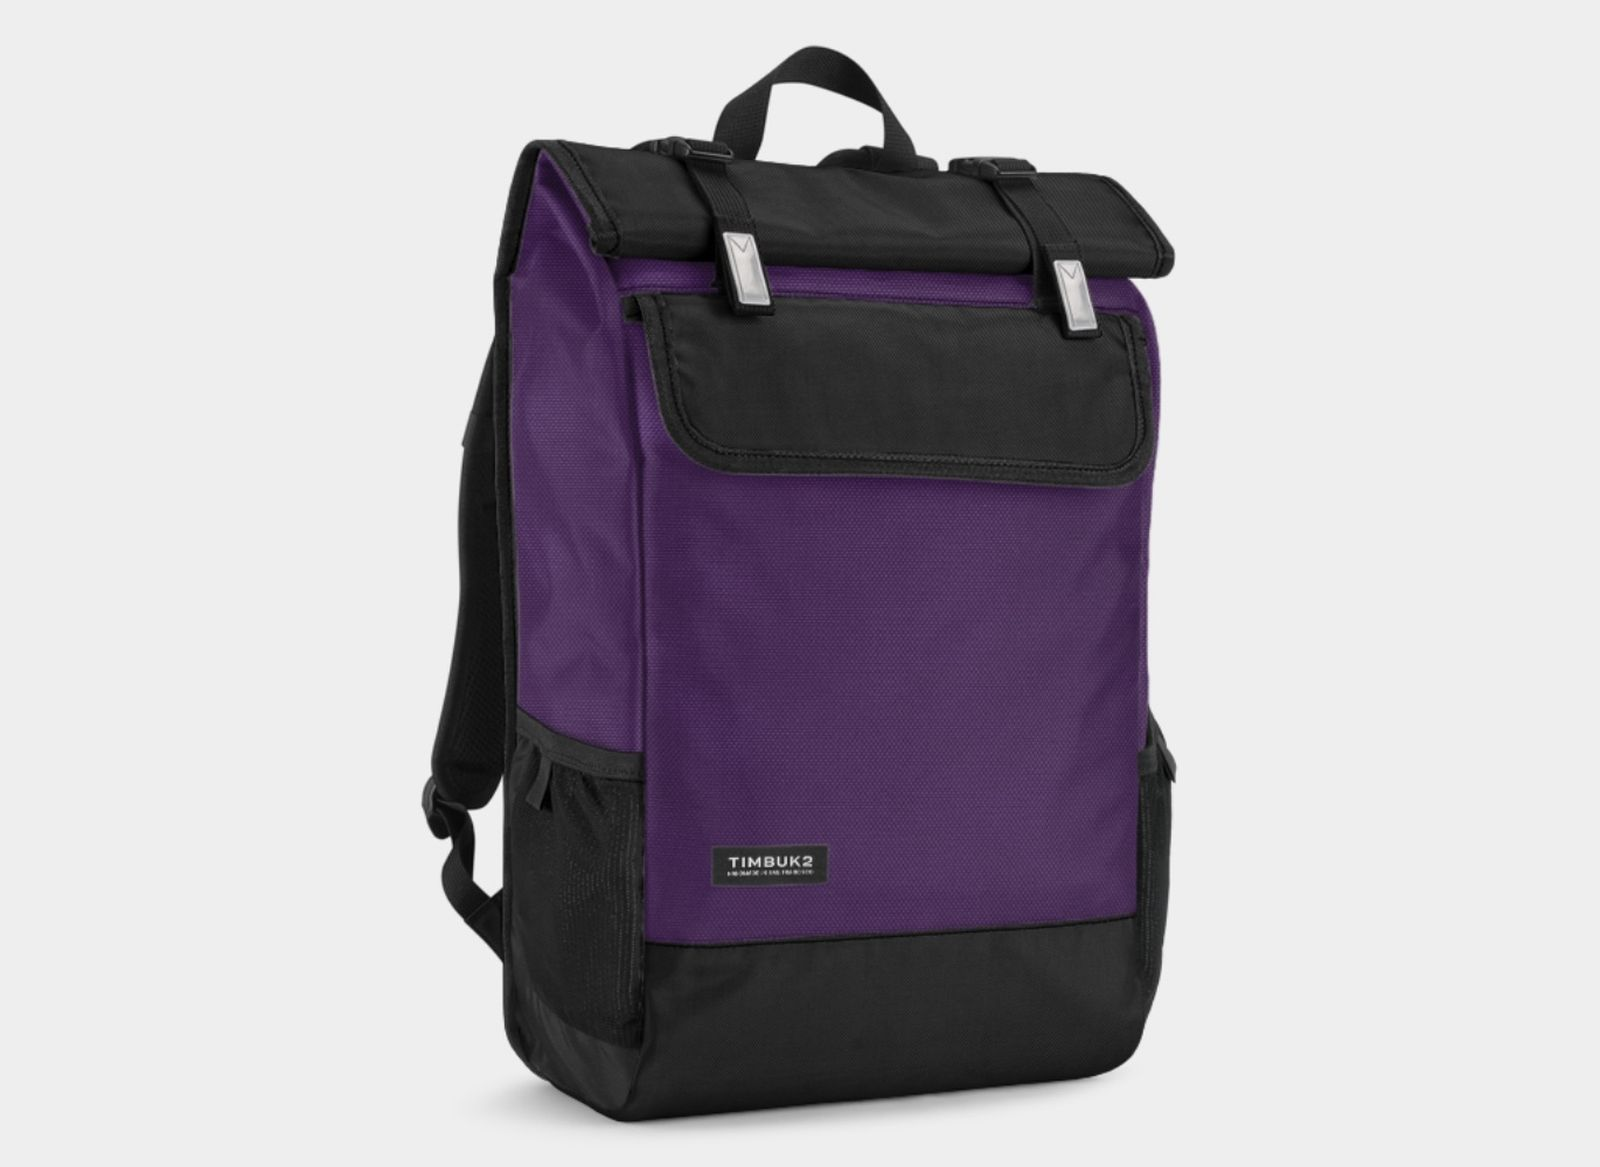 timbuk2 custom backpack best back to school bike accessories